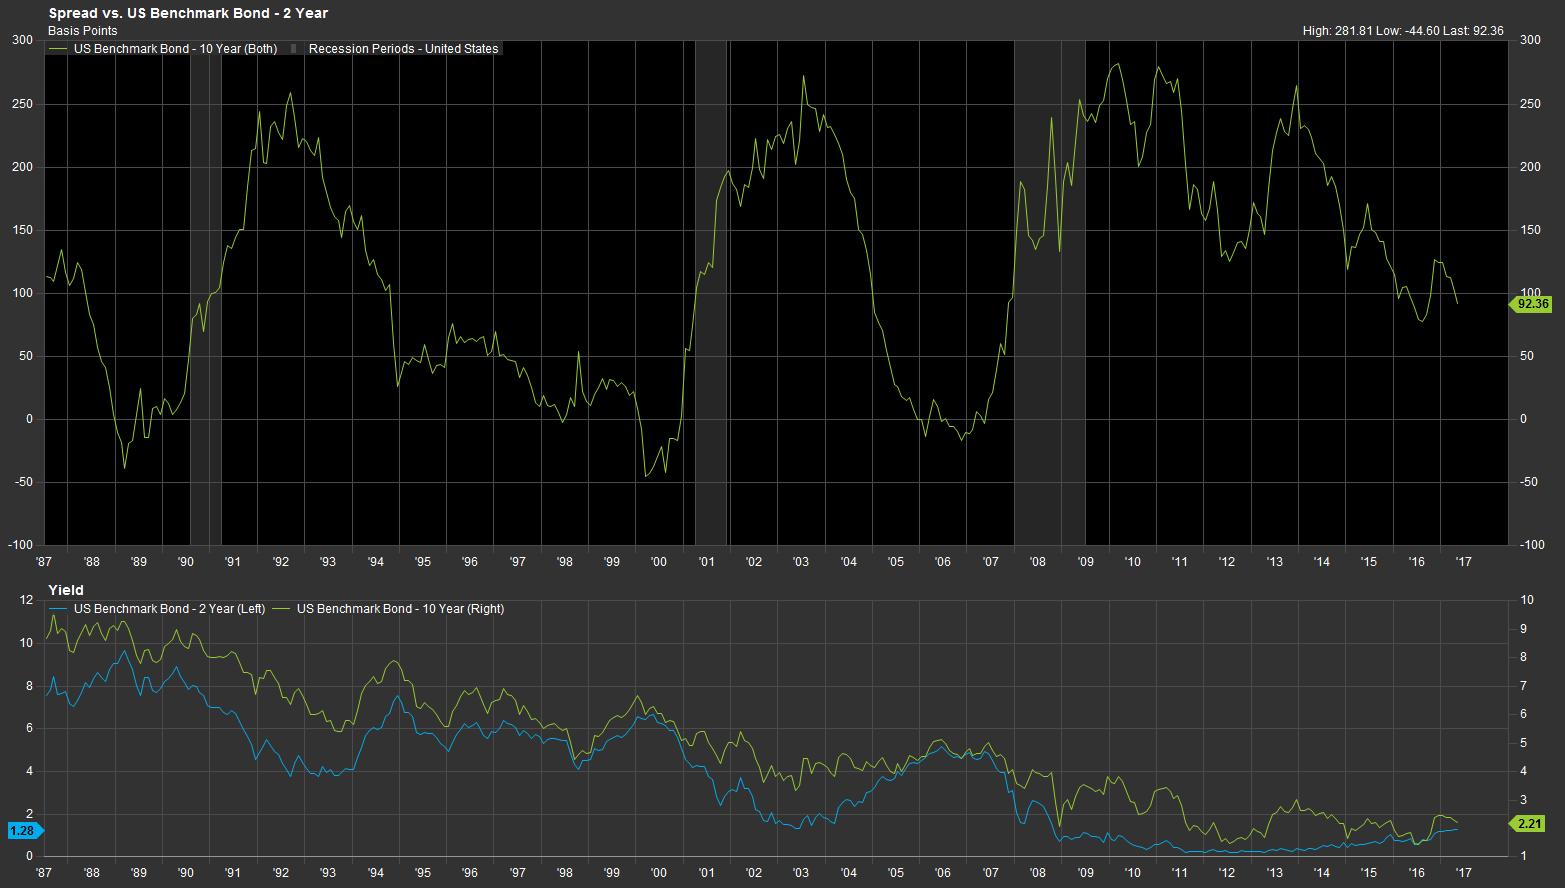 spread-vs-benchmark-yield